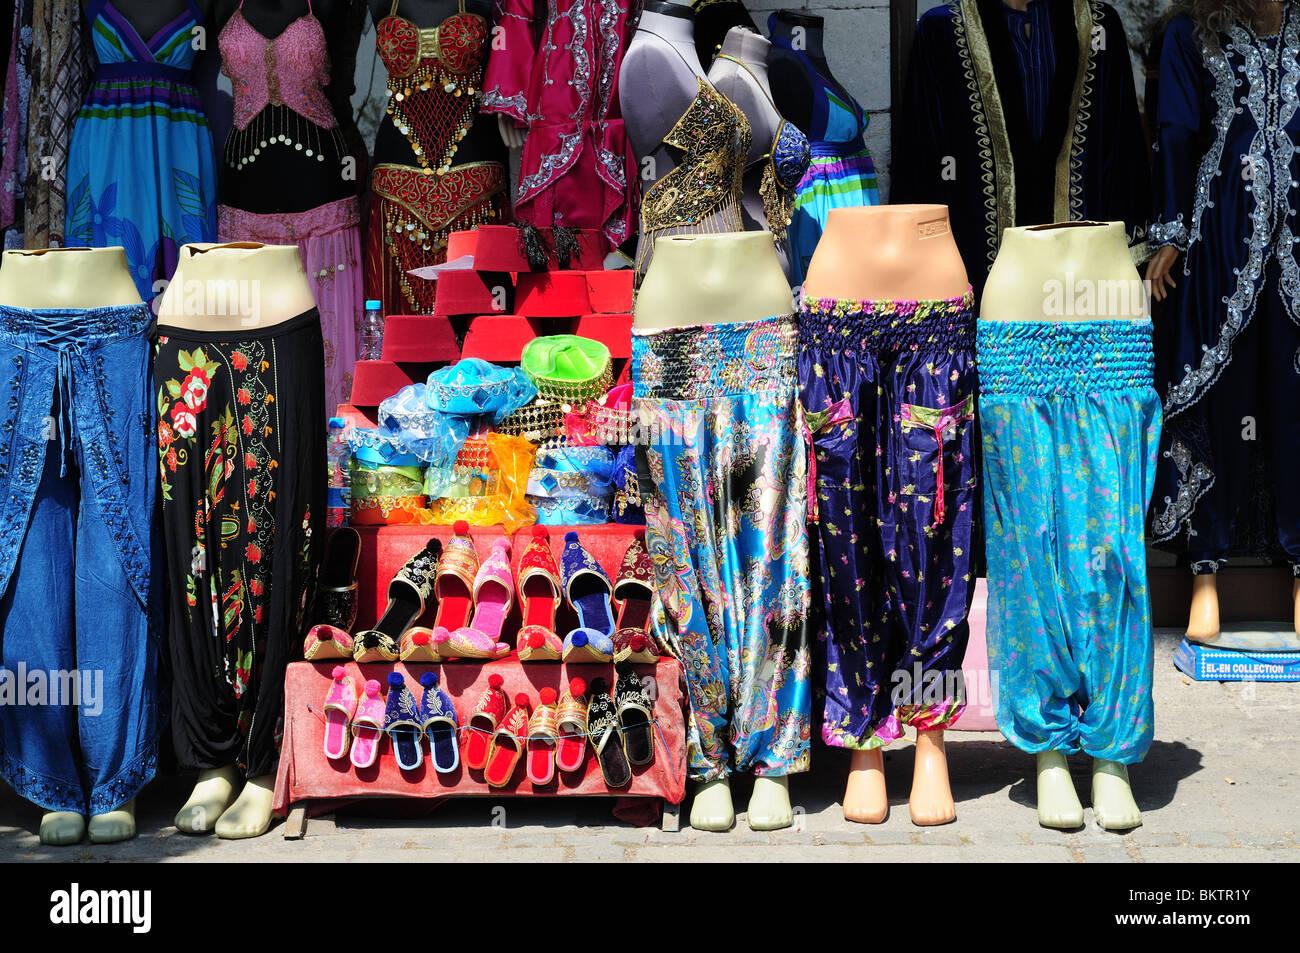 Vêtements traditionnels turcs et des chaussons au Grand Bazar Istanbul  Turquie Asie Mineure Photo Stock c9b3d873e19